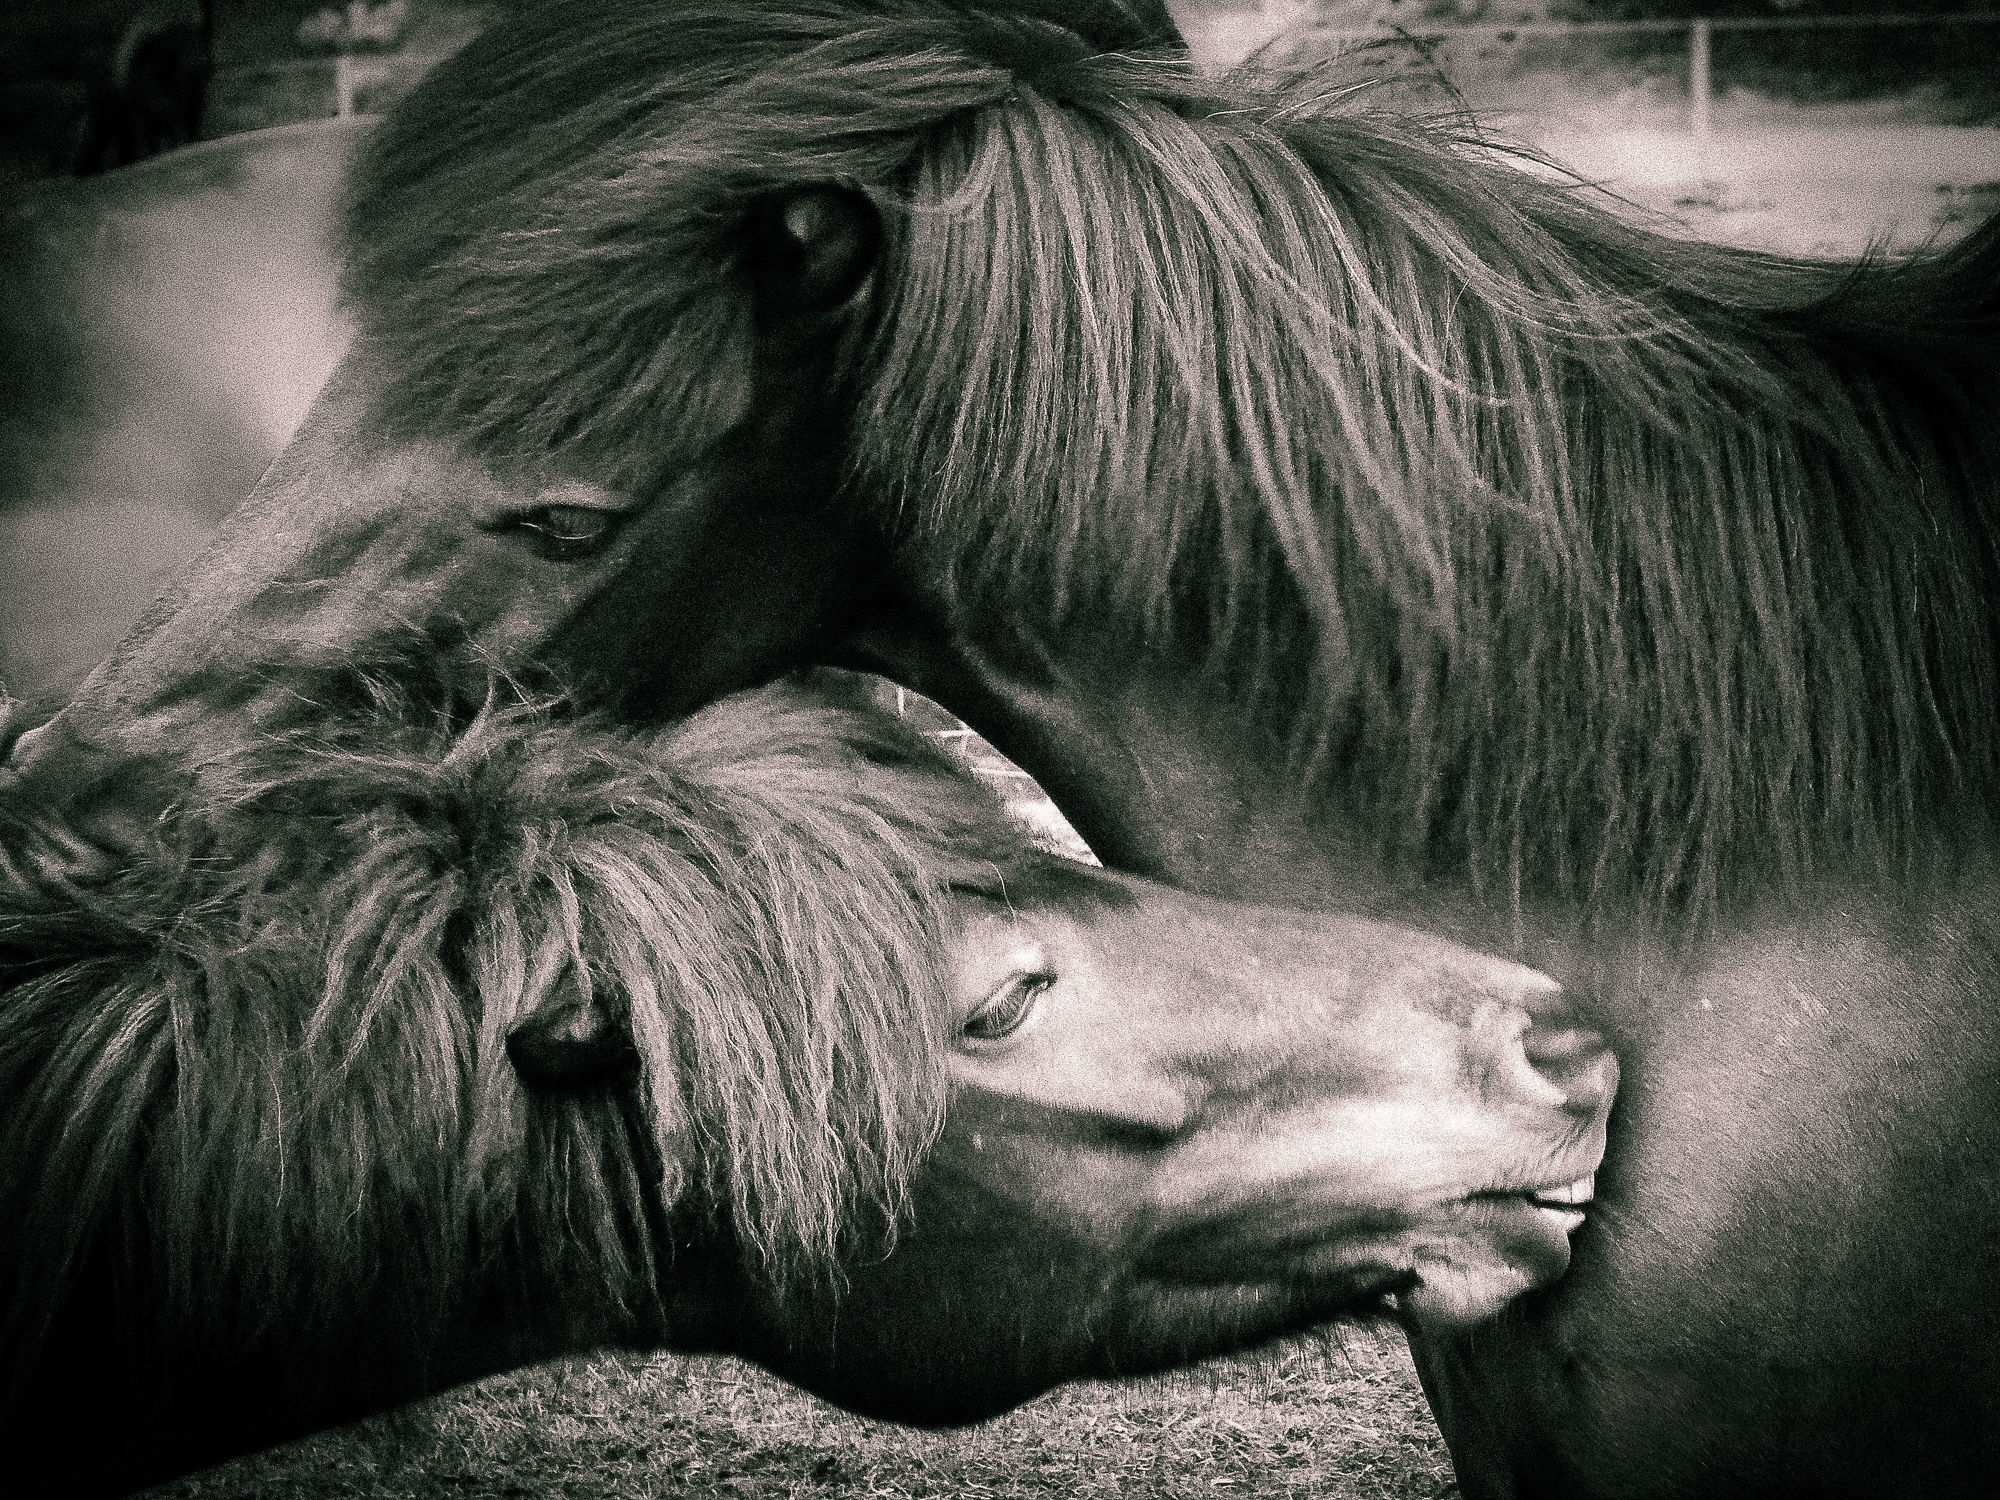 Bild mit Tiere, Tiere, Pferde, Pferde, Tier, Tier, Kinderbild, Kinderbilder, Pferd, Pferd, schwarz weiß, reiten, reiten, SW, Pferdeliebe, pferdebilder, pferdebild